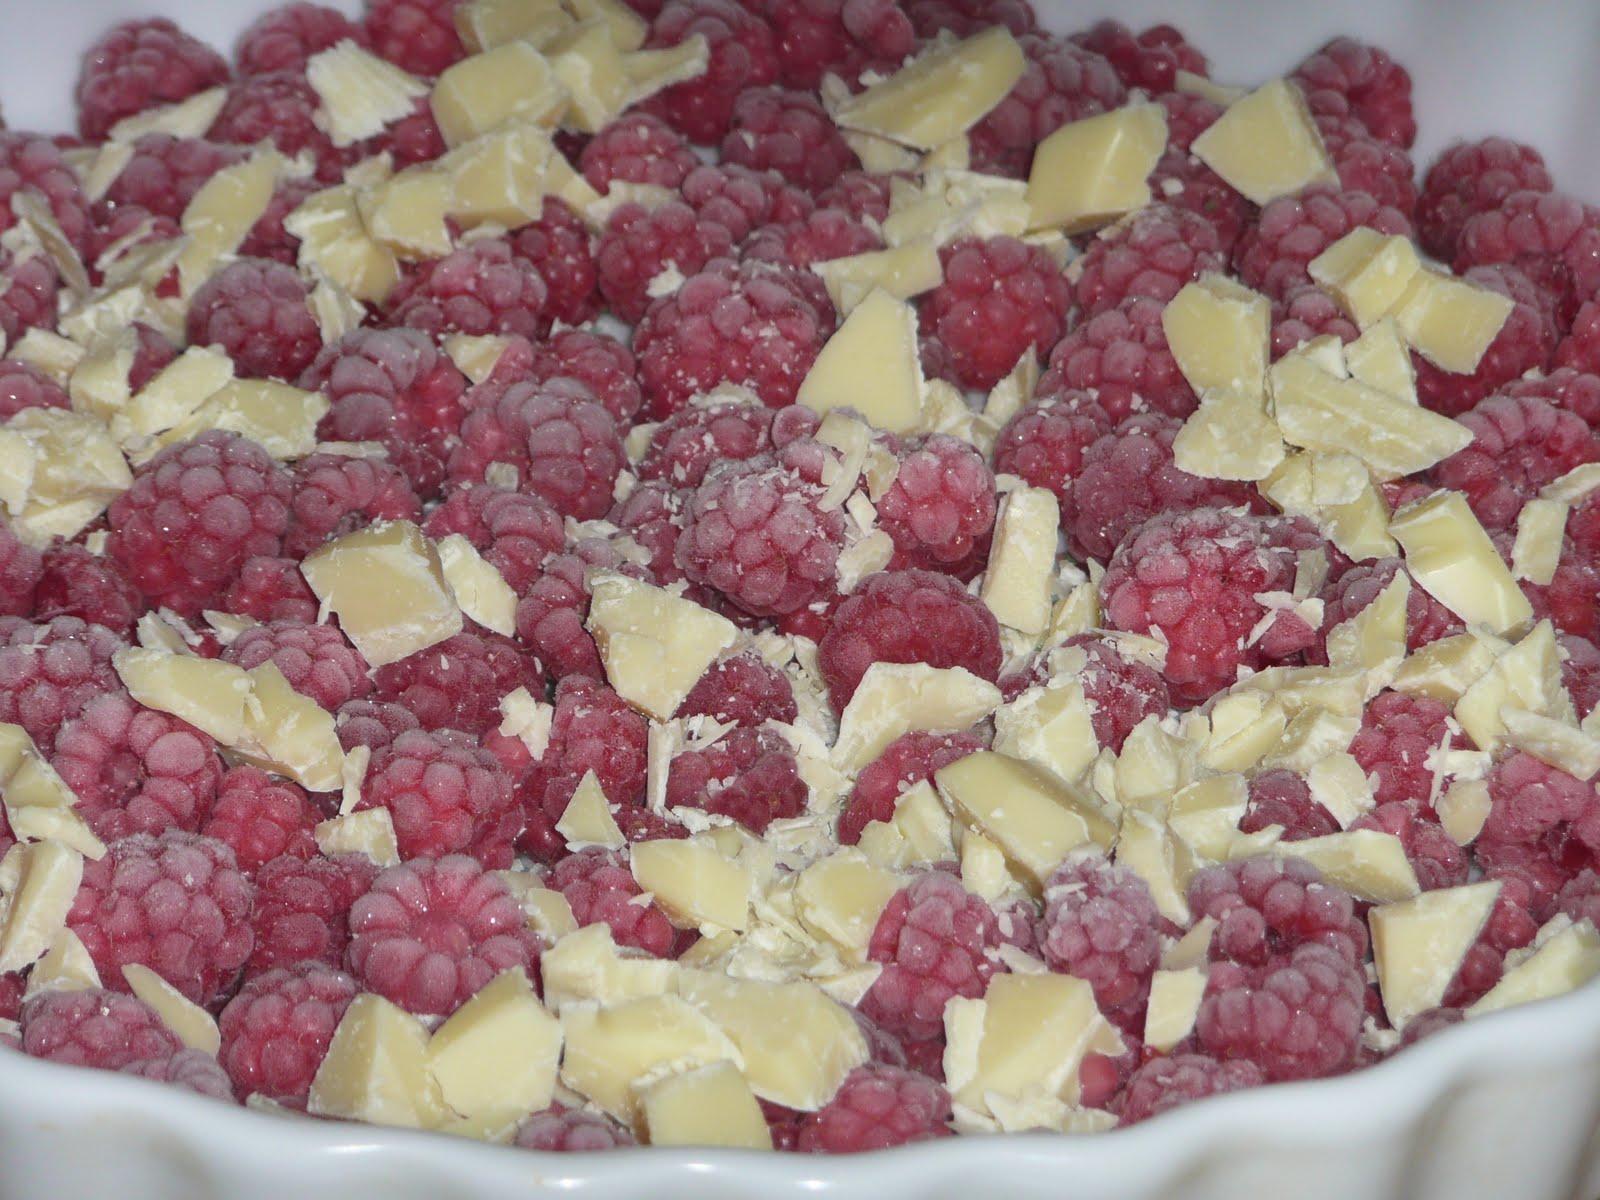 rabarber och hallonpaj med vit choklad